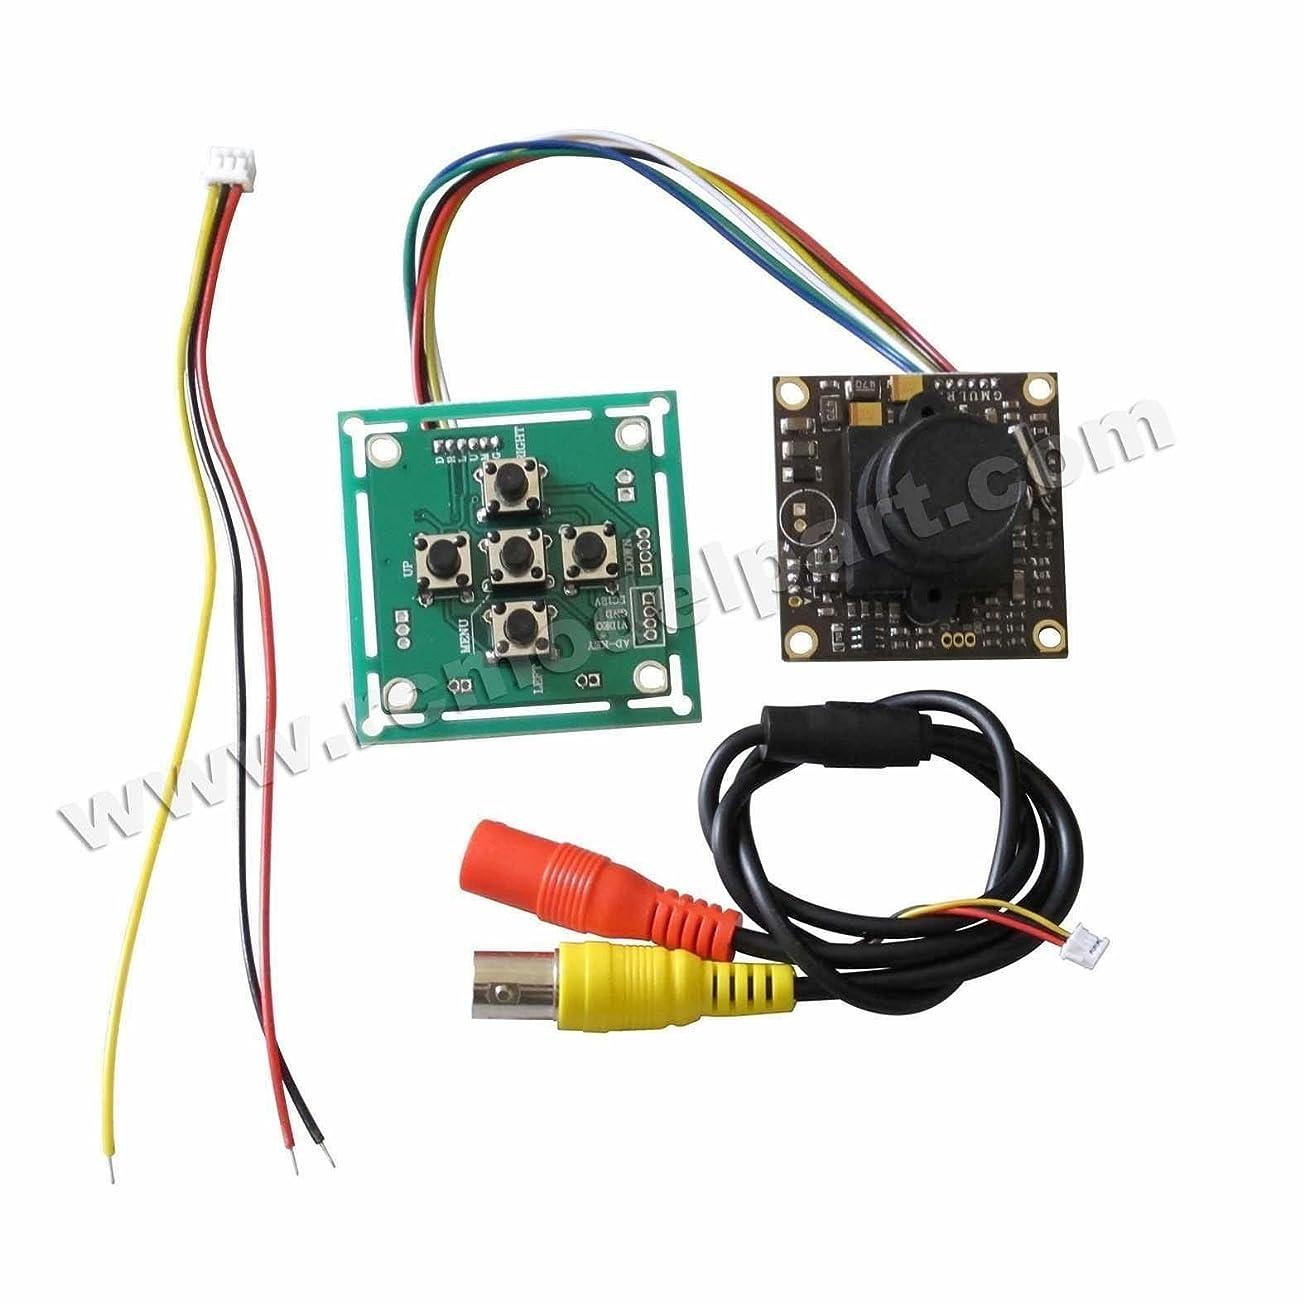 キリン列挙する正当化するBlueskysea ハード キャリー ケース バッグ&カメラ レンズ サン フード サンシェード For DJI OSMO ハンド ジョイント (1)